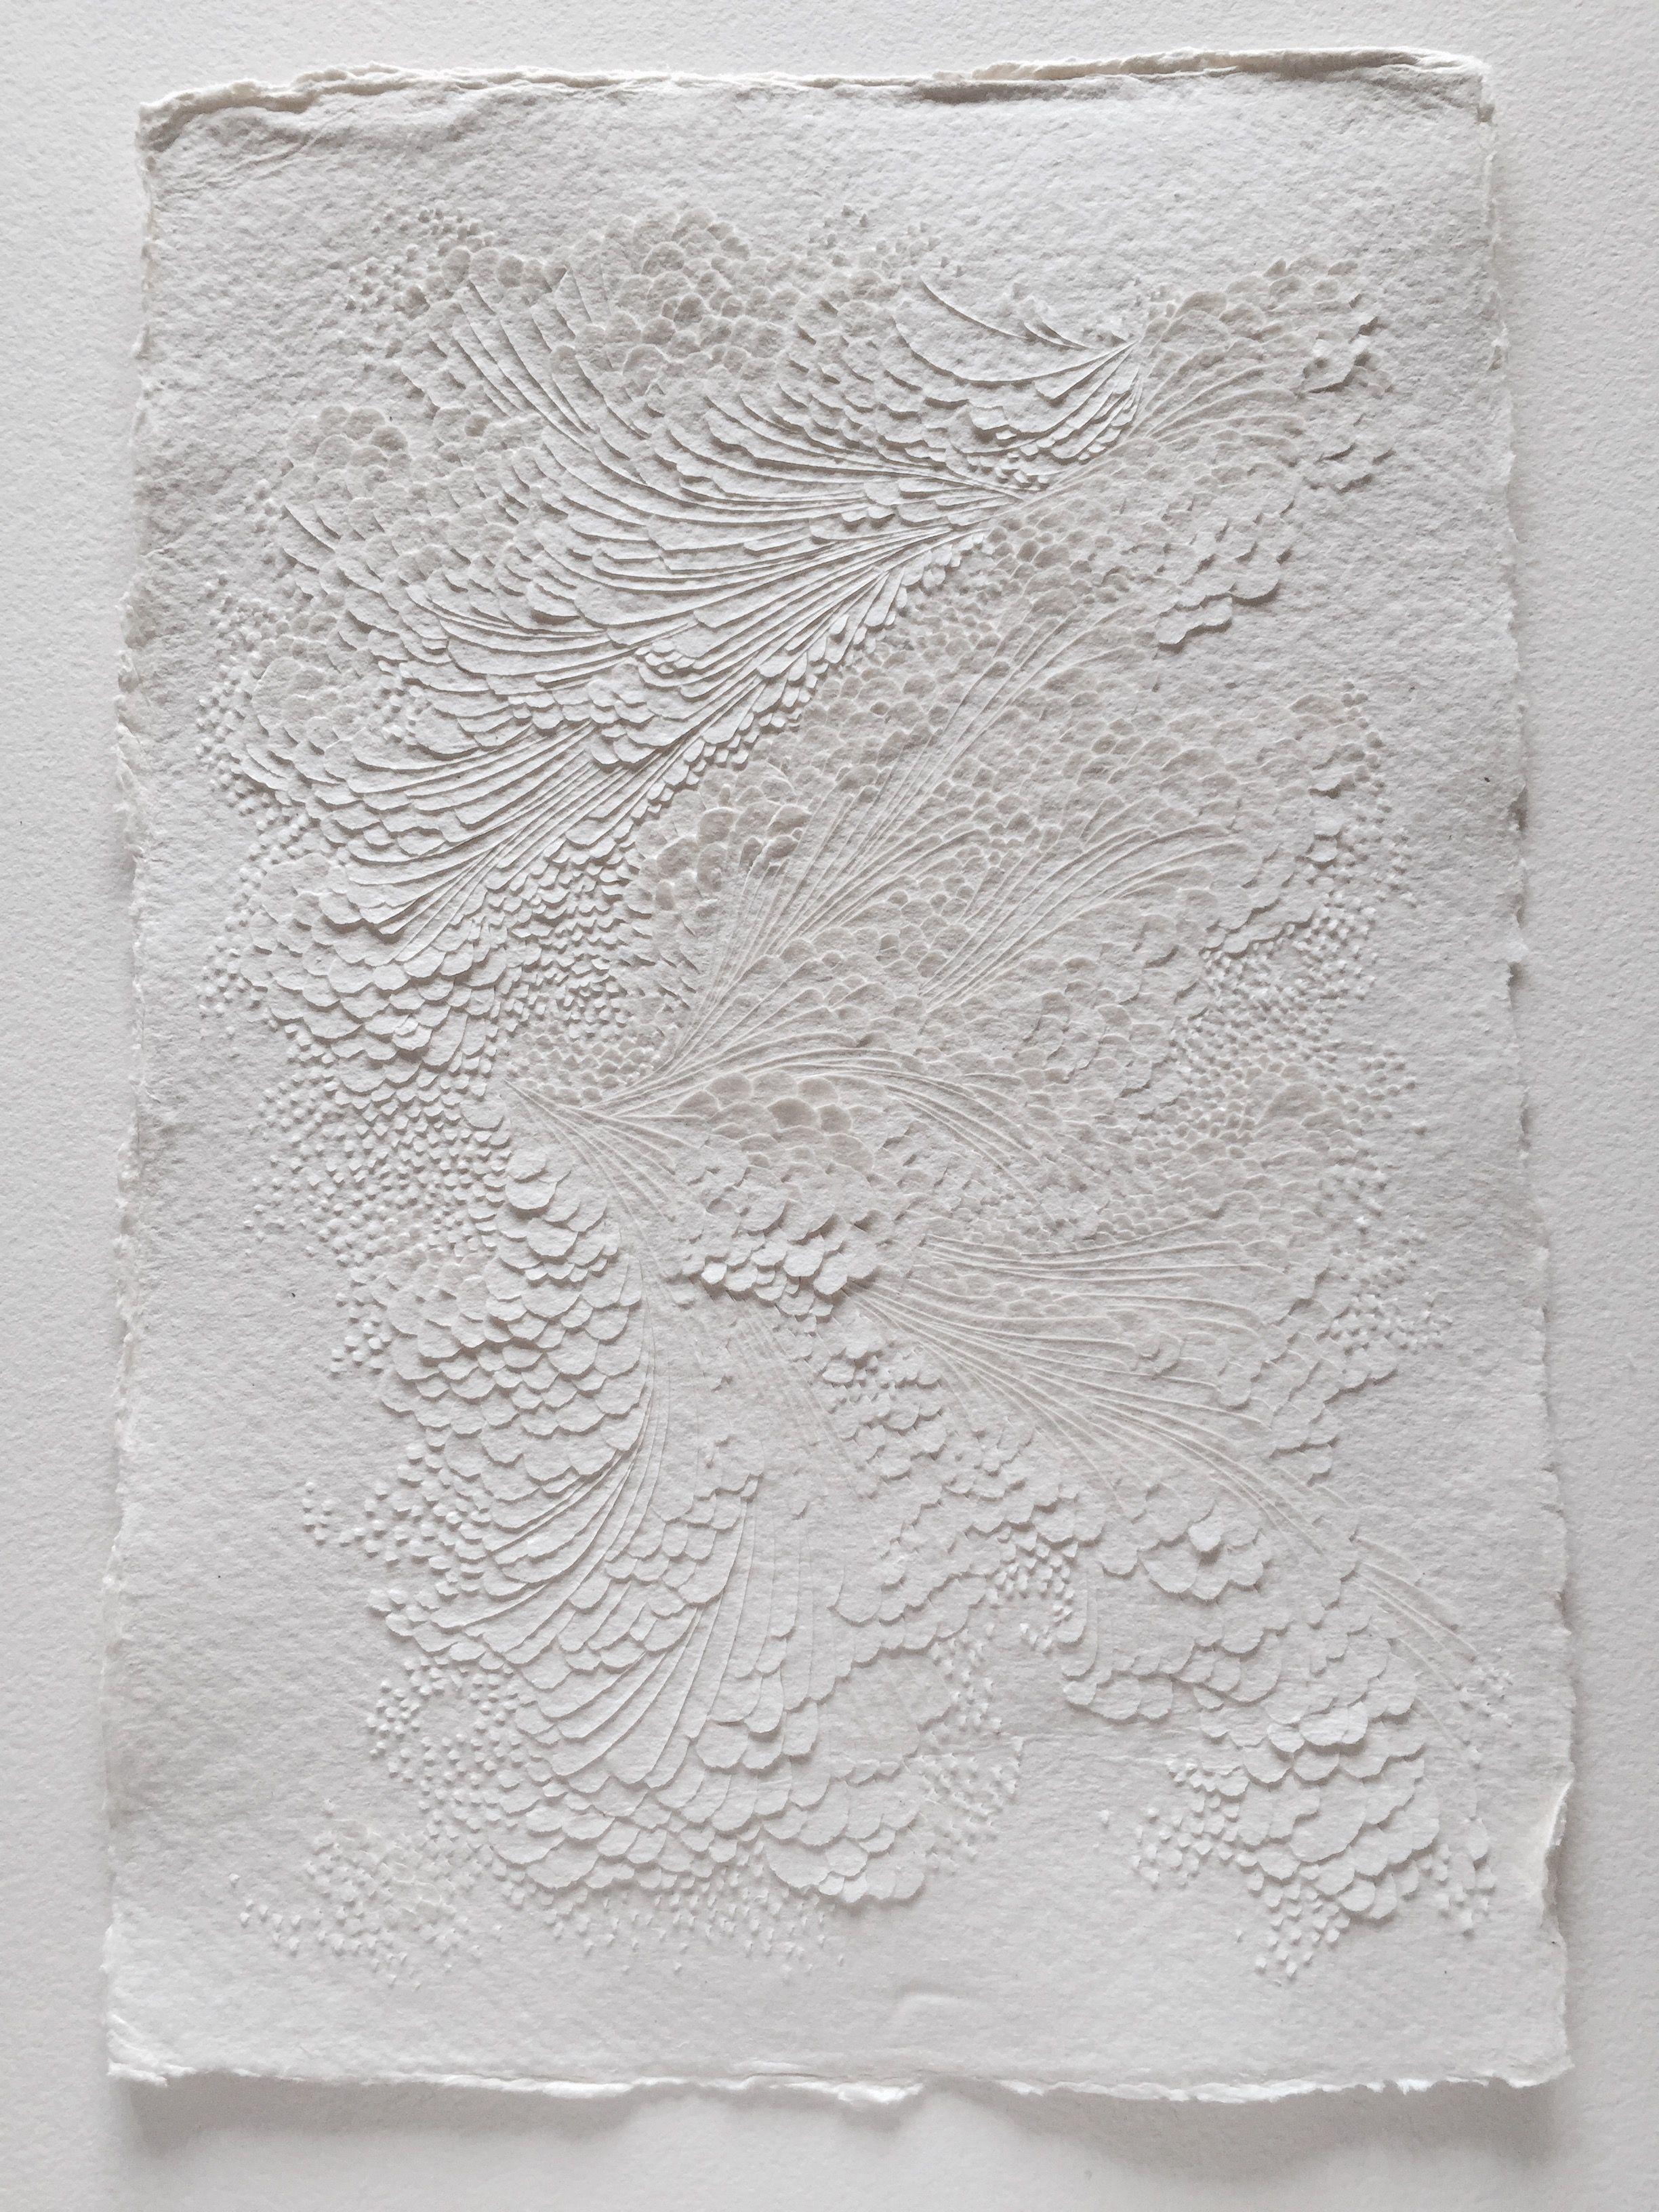 Papiers Sculptes Lauren Collin Lauren Collins Paper Art Lauren